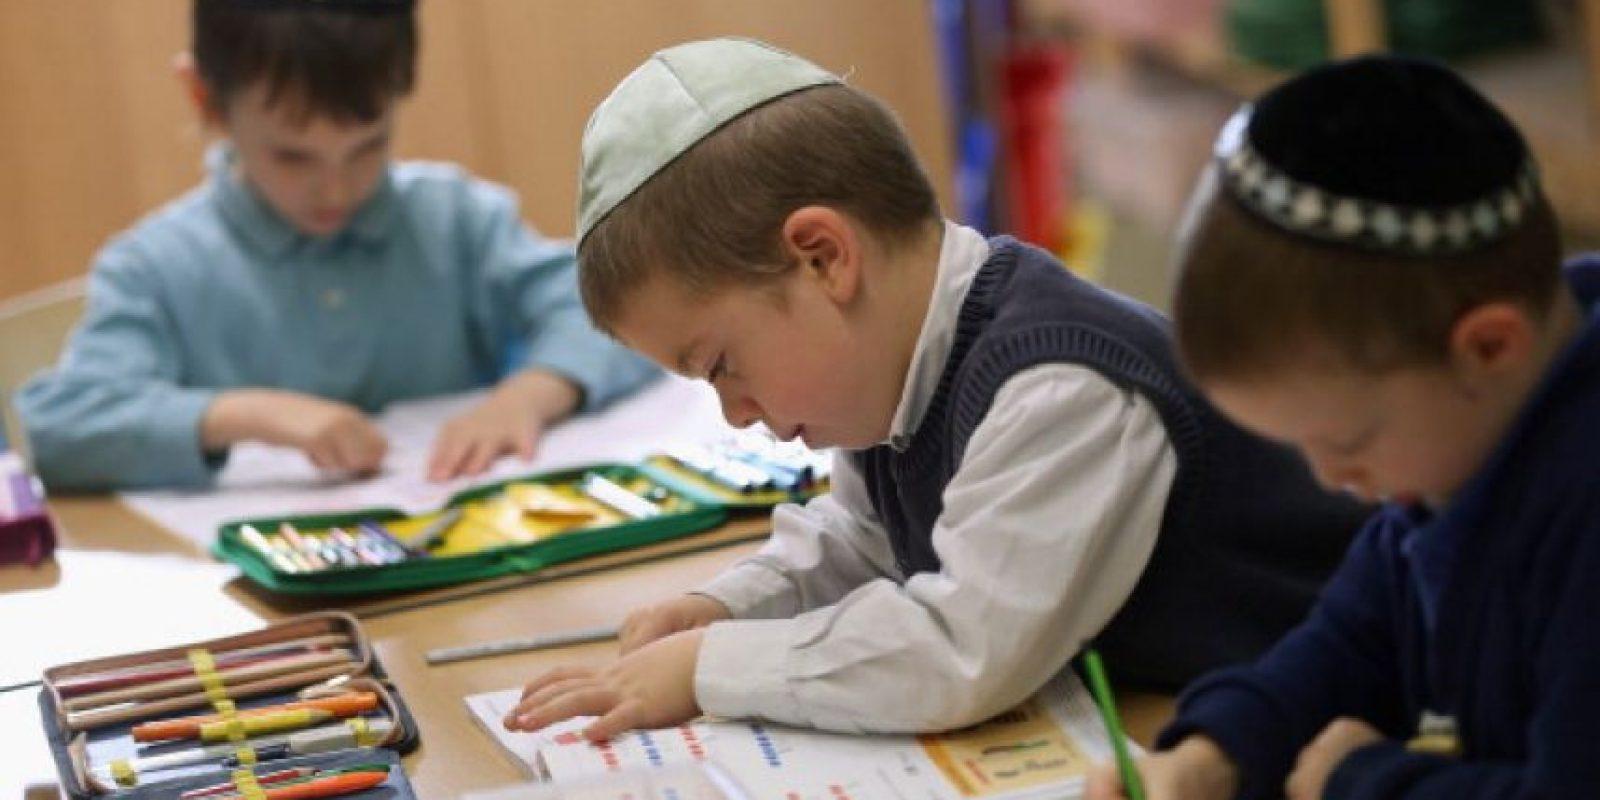 5. Es posible prevenir el maltrato infantil antes de que se produzca, y para ello es necesario un enfoque multisectorial. Foto:Getty Images